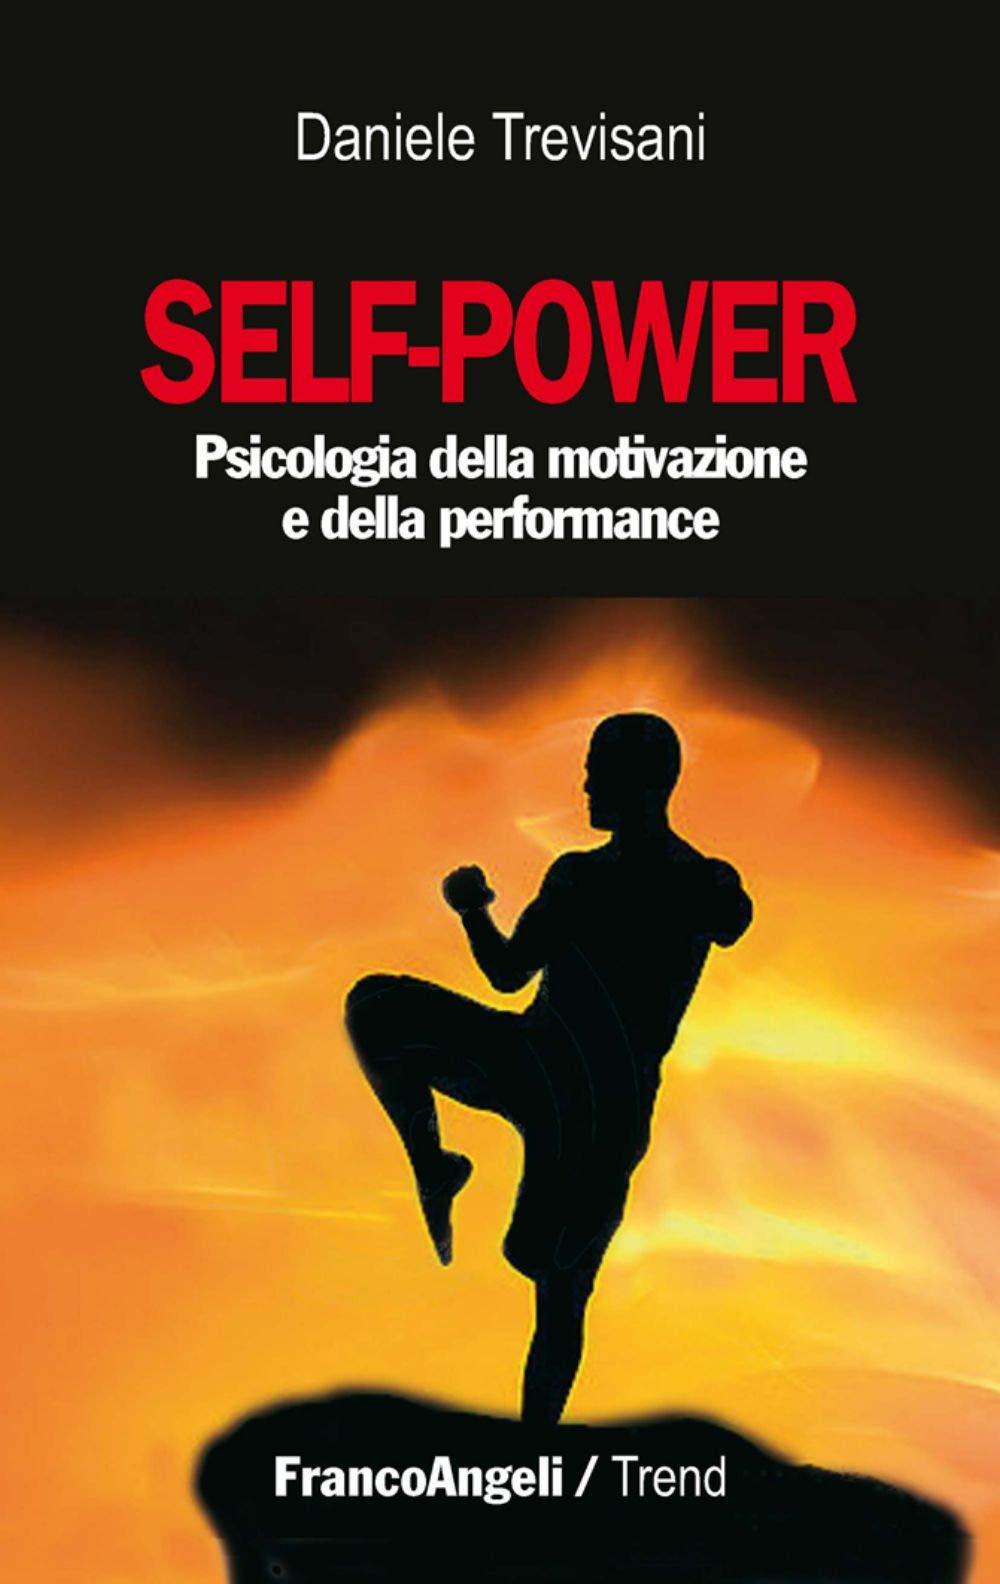 Self-power Psicologia della motivazione e della performance